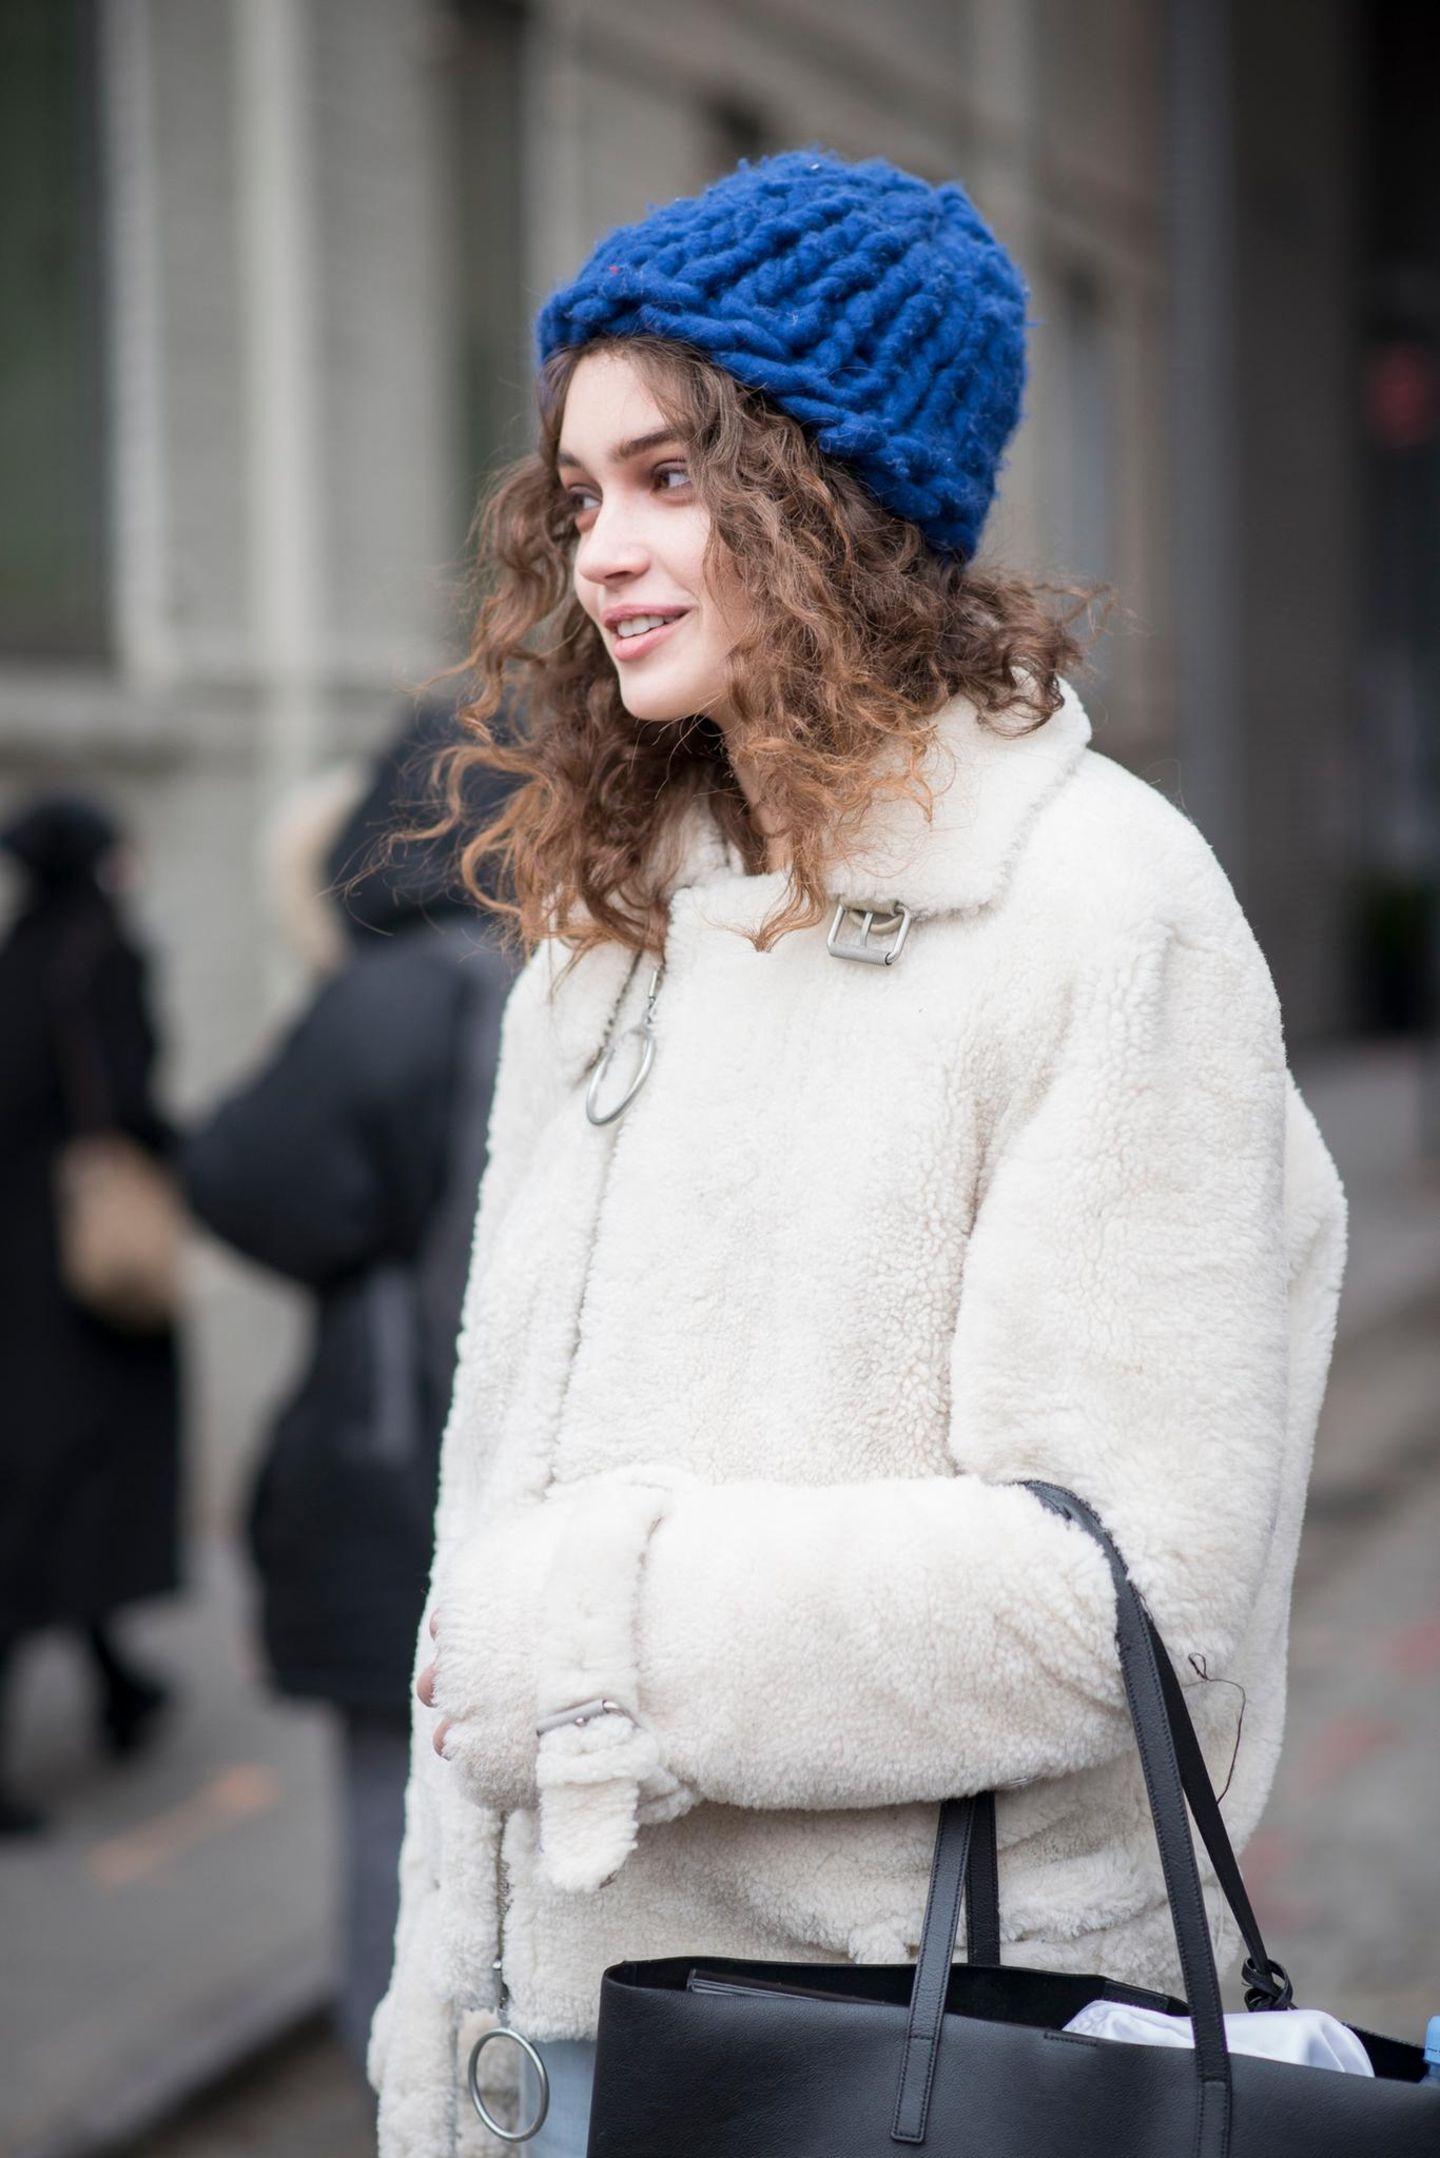 Winter-Frisuren: Frau mit Wollmütze auf der Strasse